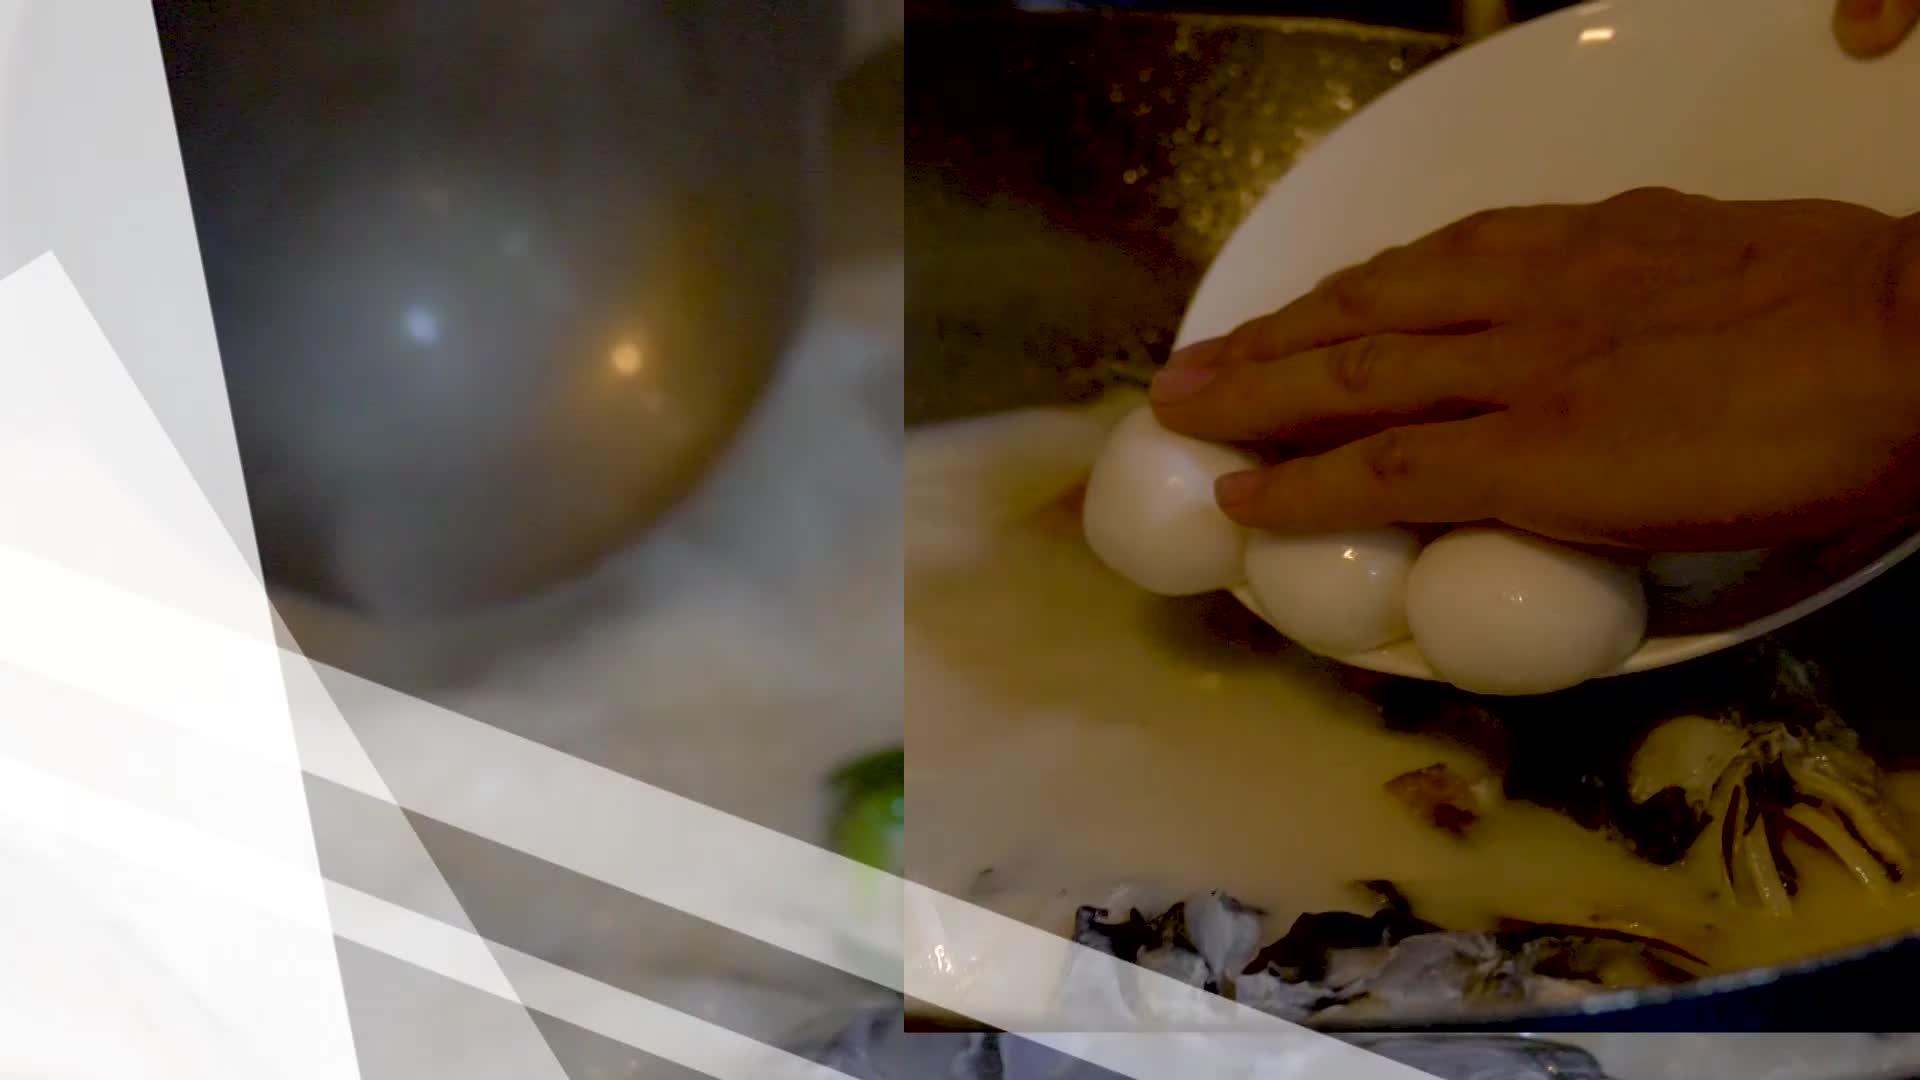 龙虾撞上浓香鸡汤 Q弹口感直击你的味蕾